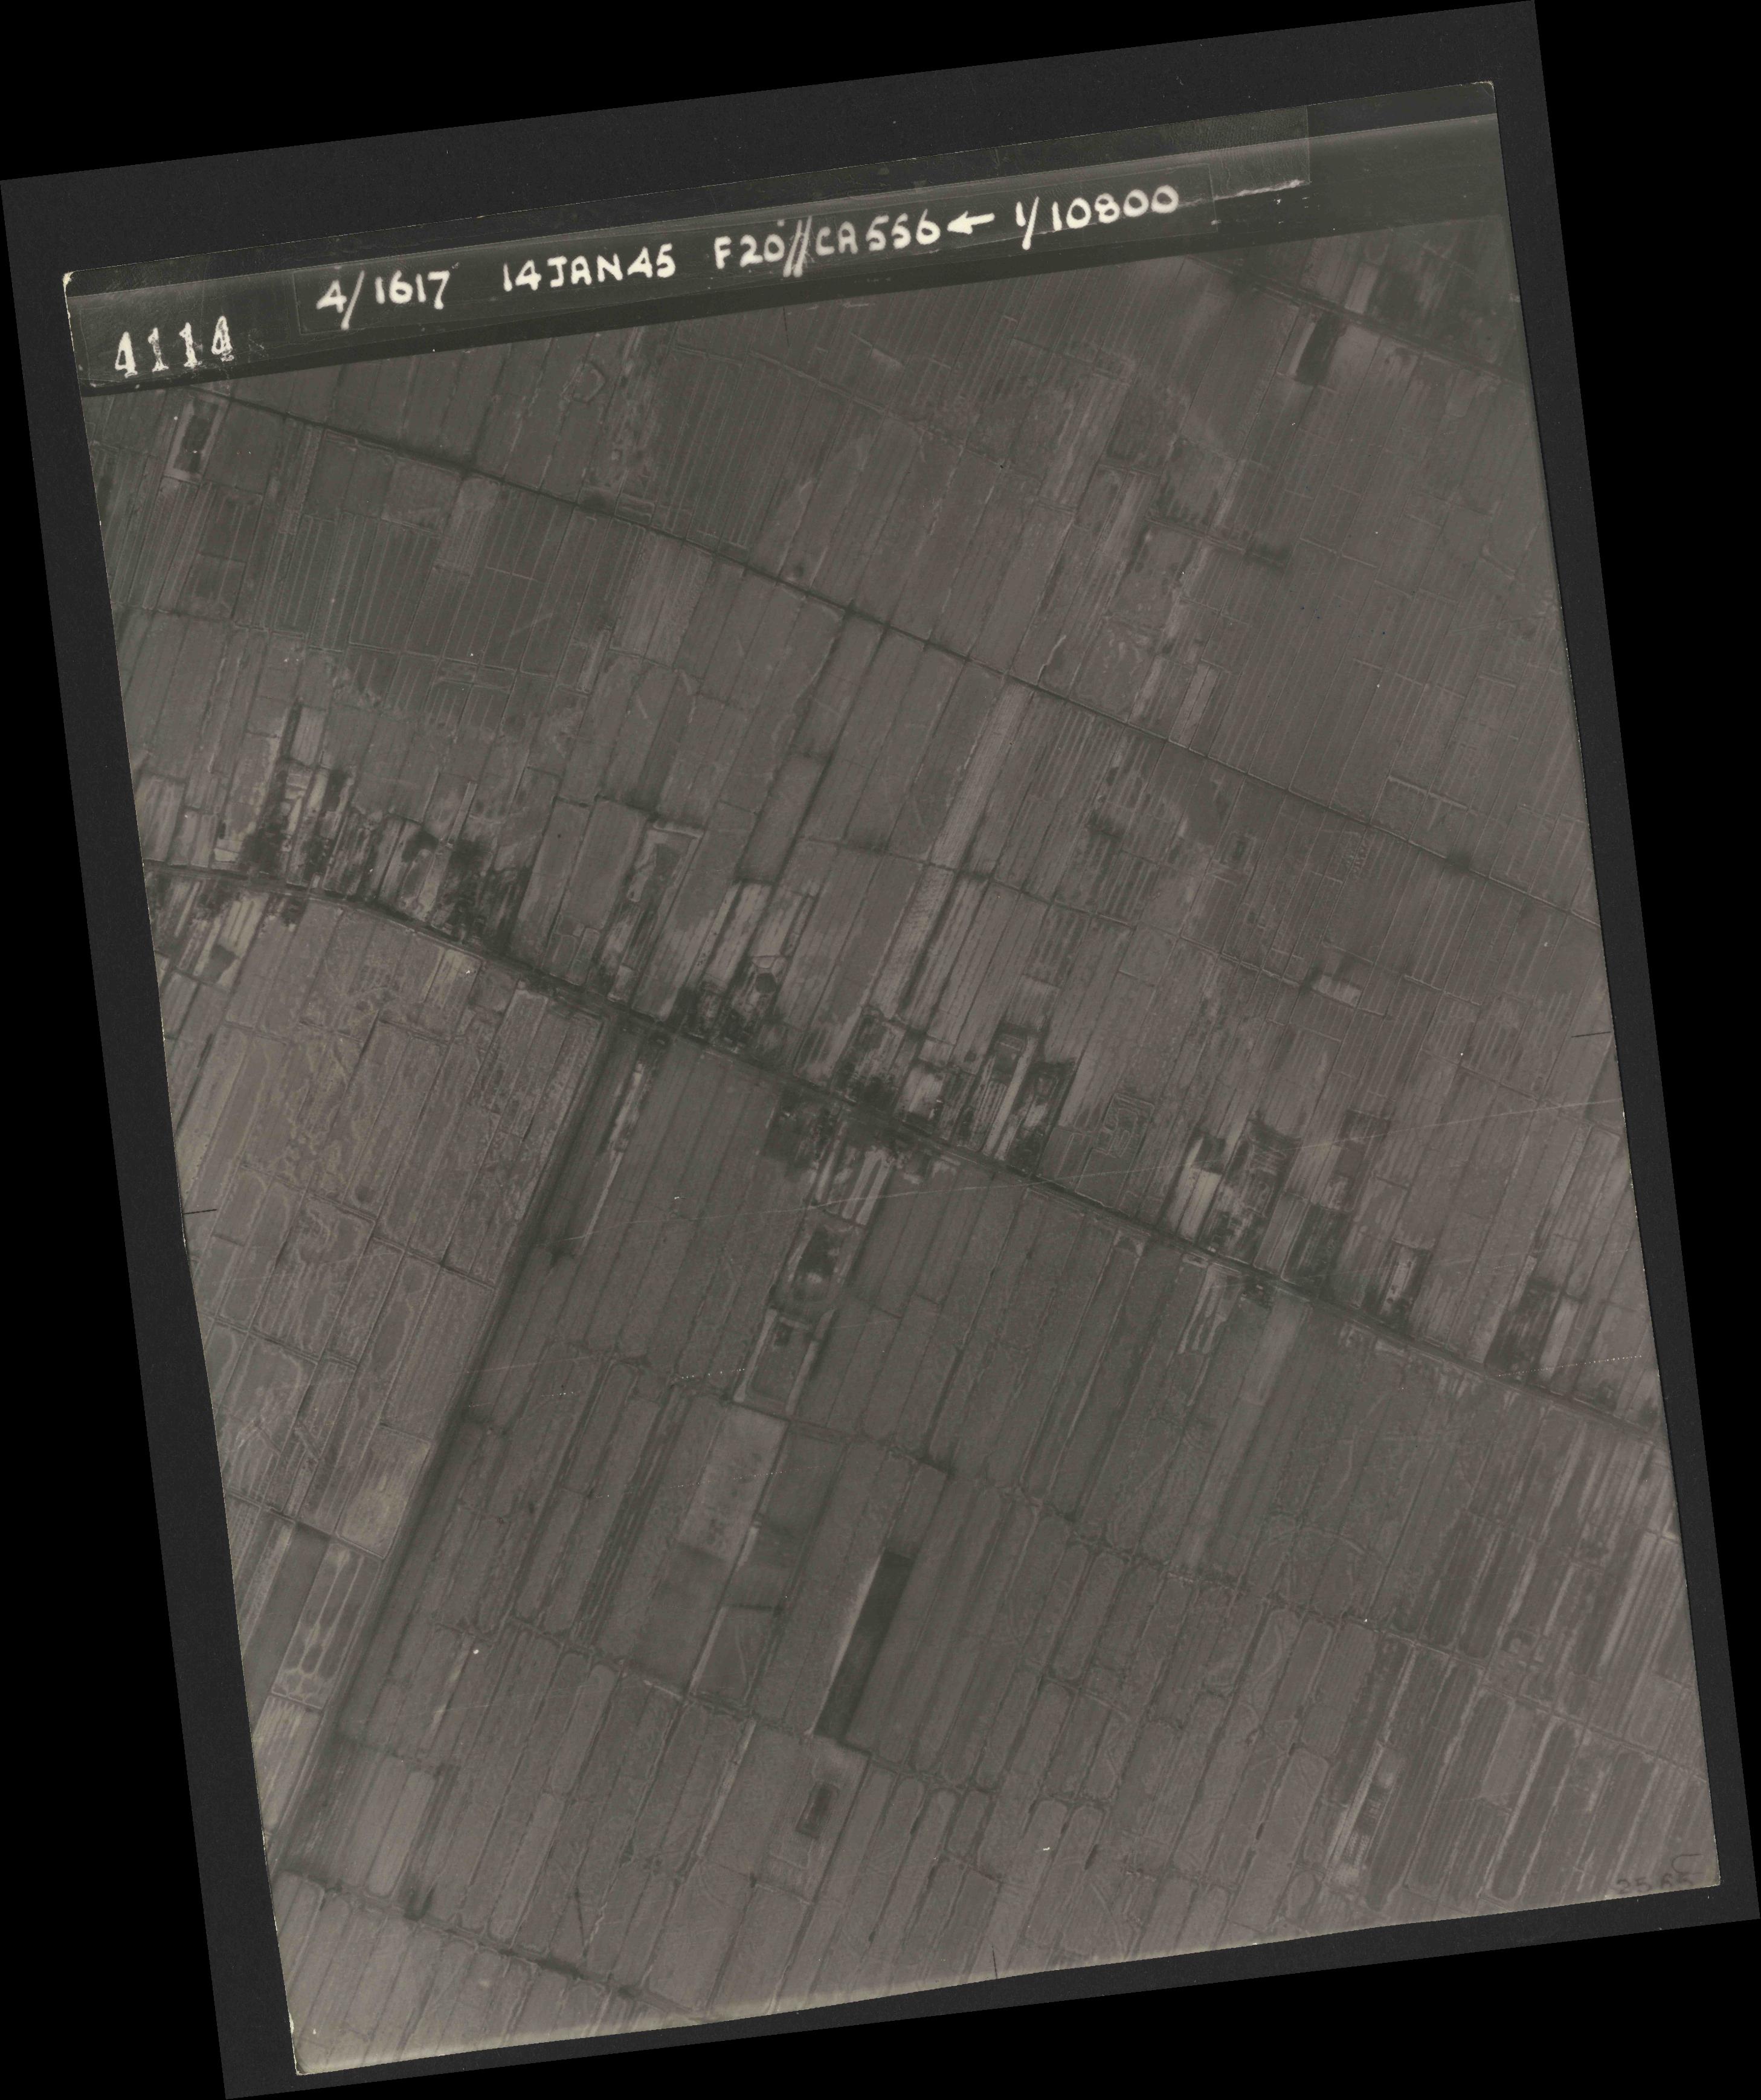 Collection RAF aerial photos 1940-1945 - flight 060, run 02, photo 4114